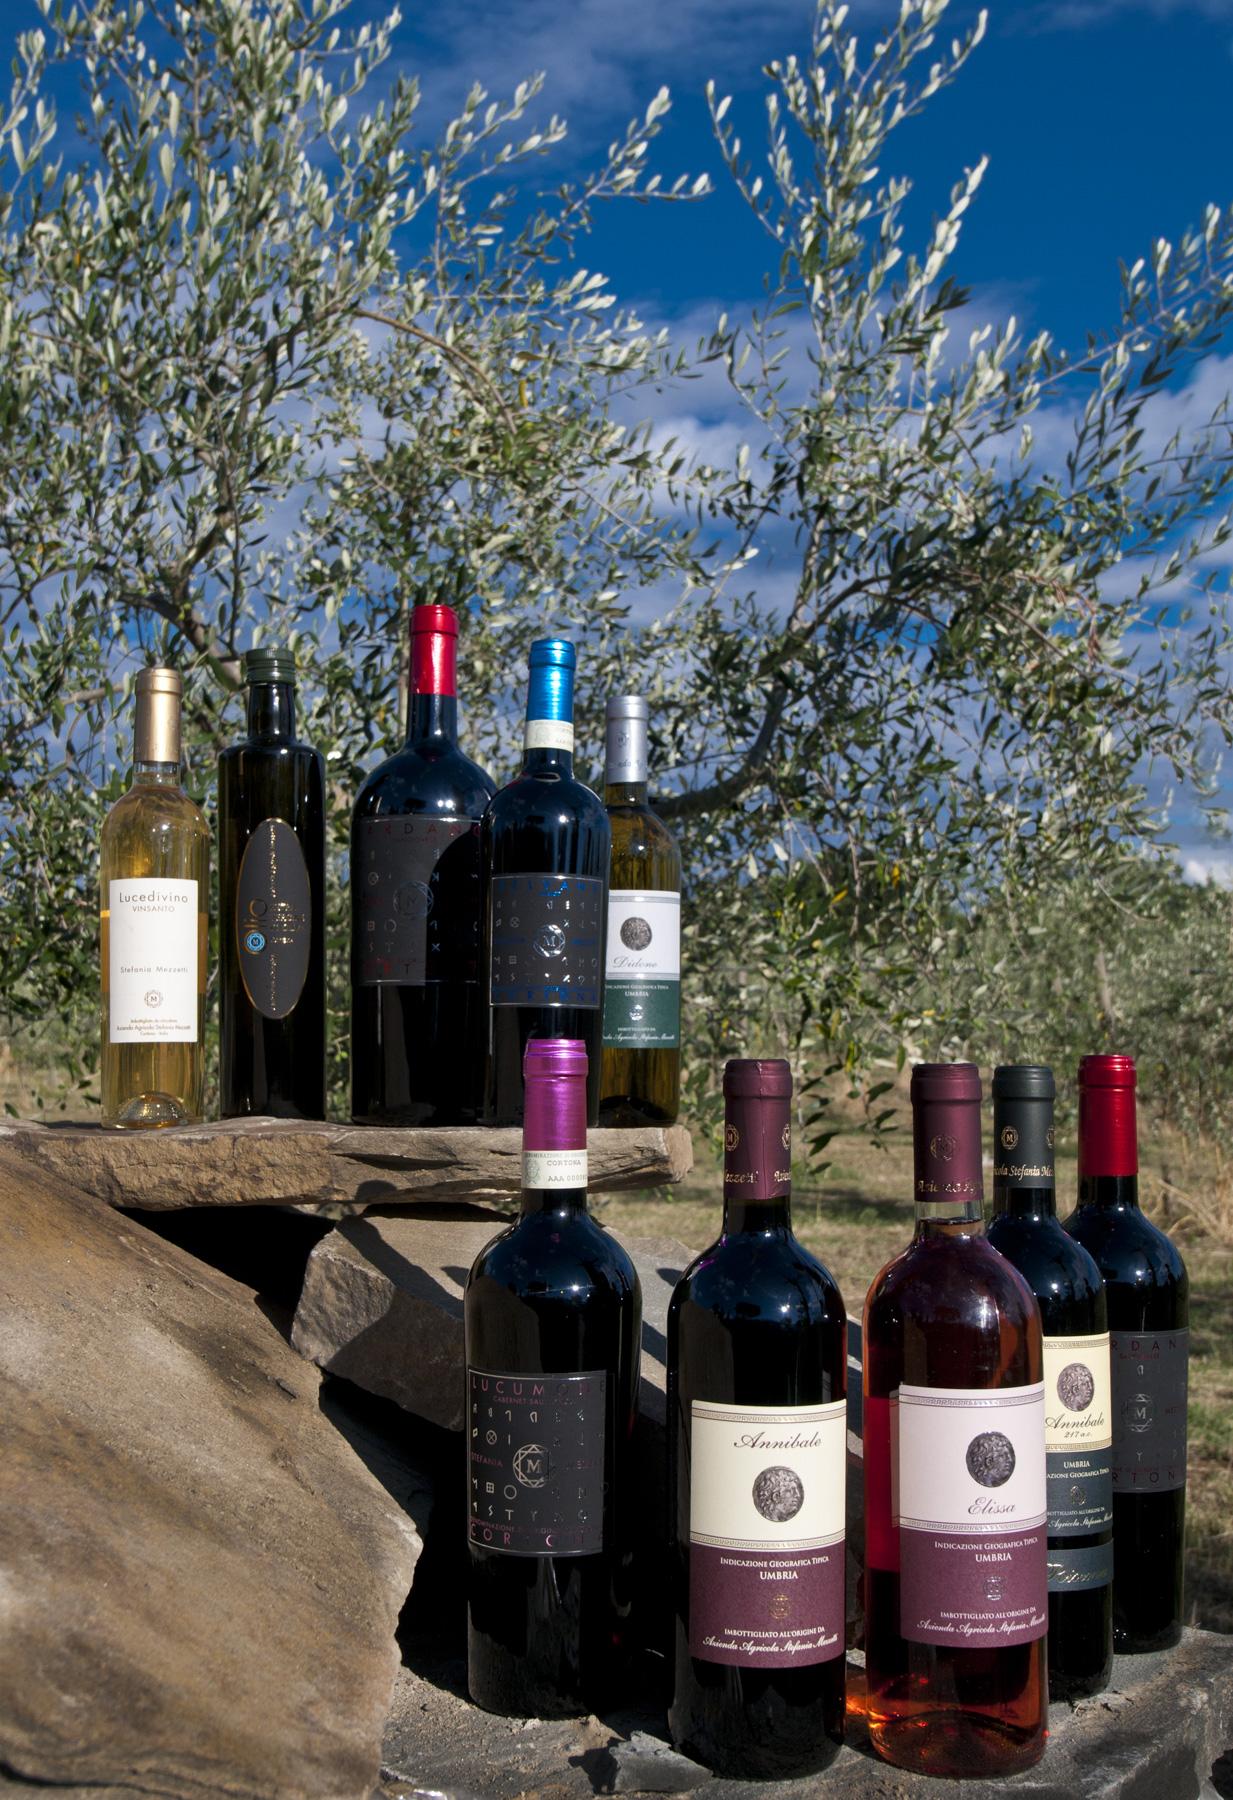 Italien_Umbrien_Casa Colonia_vinproduktion